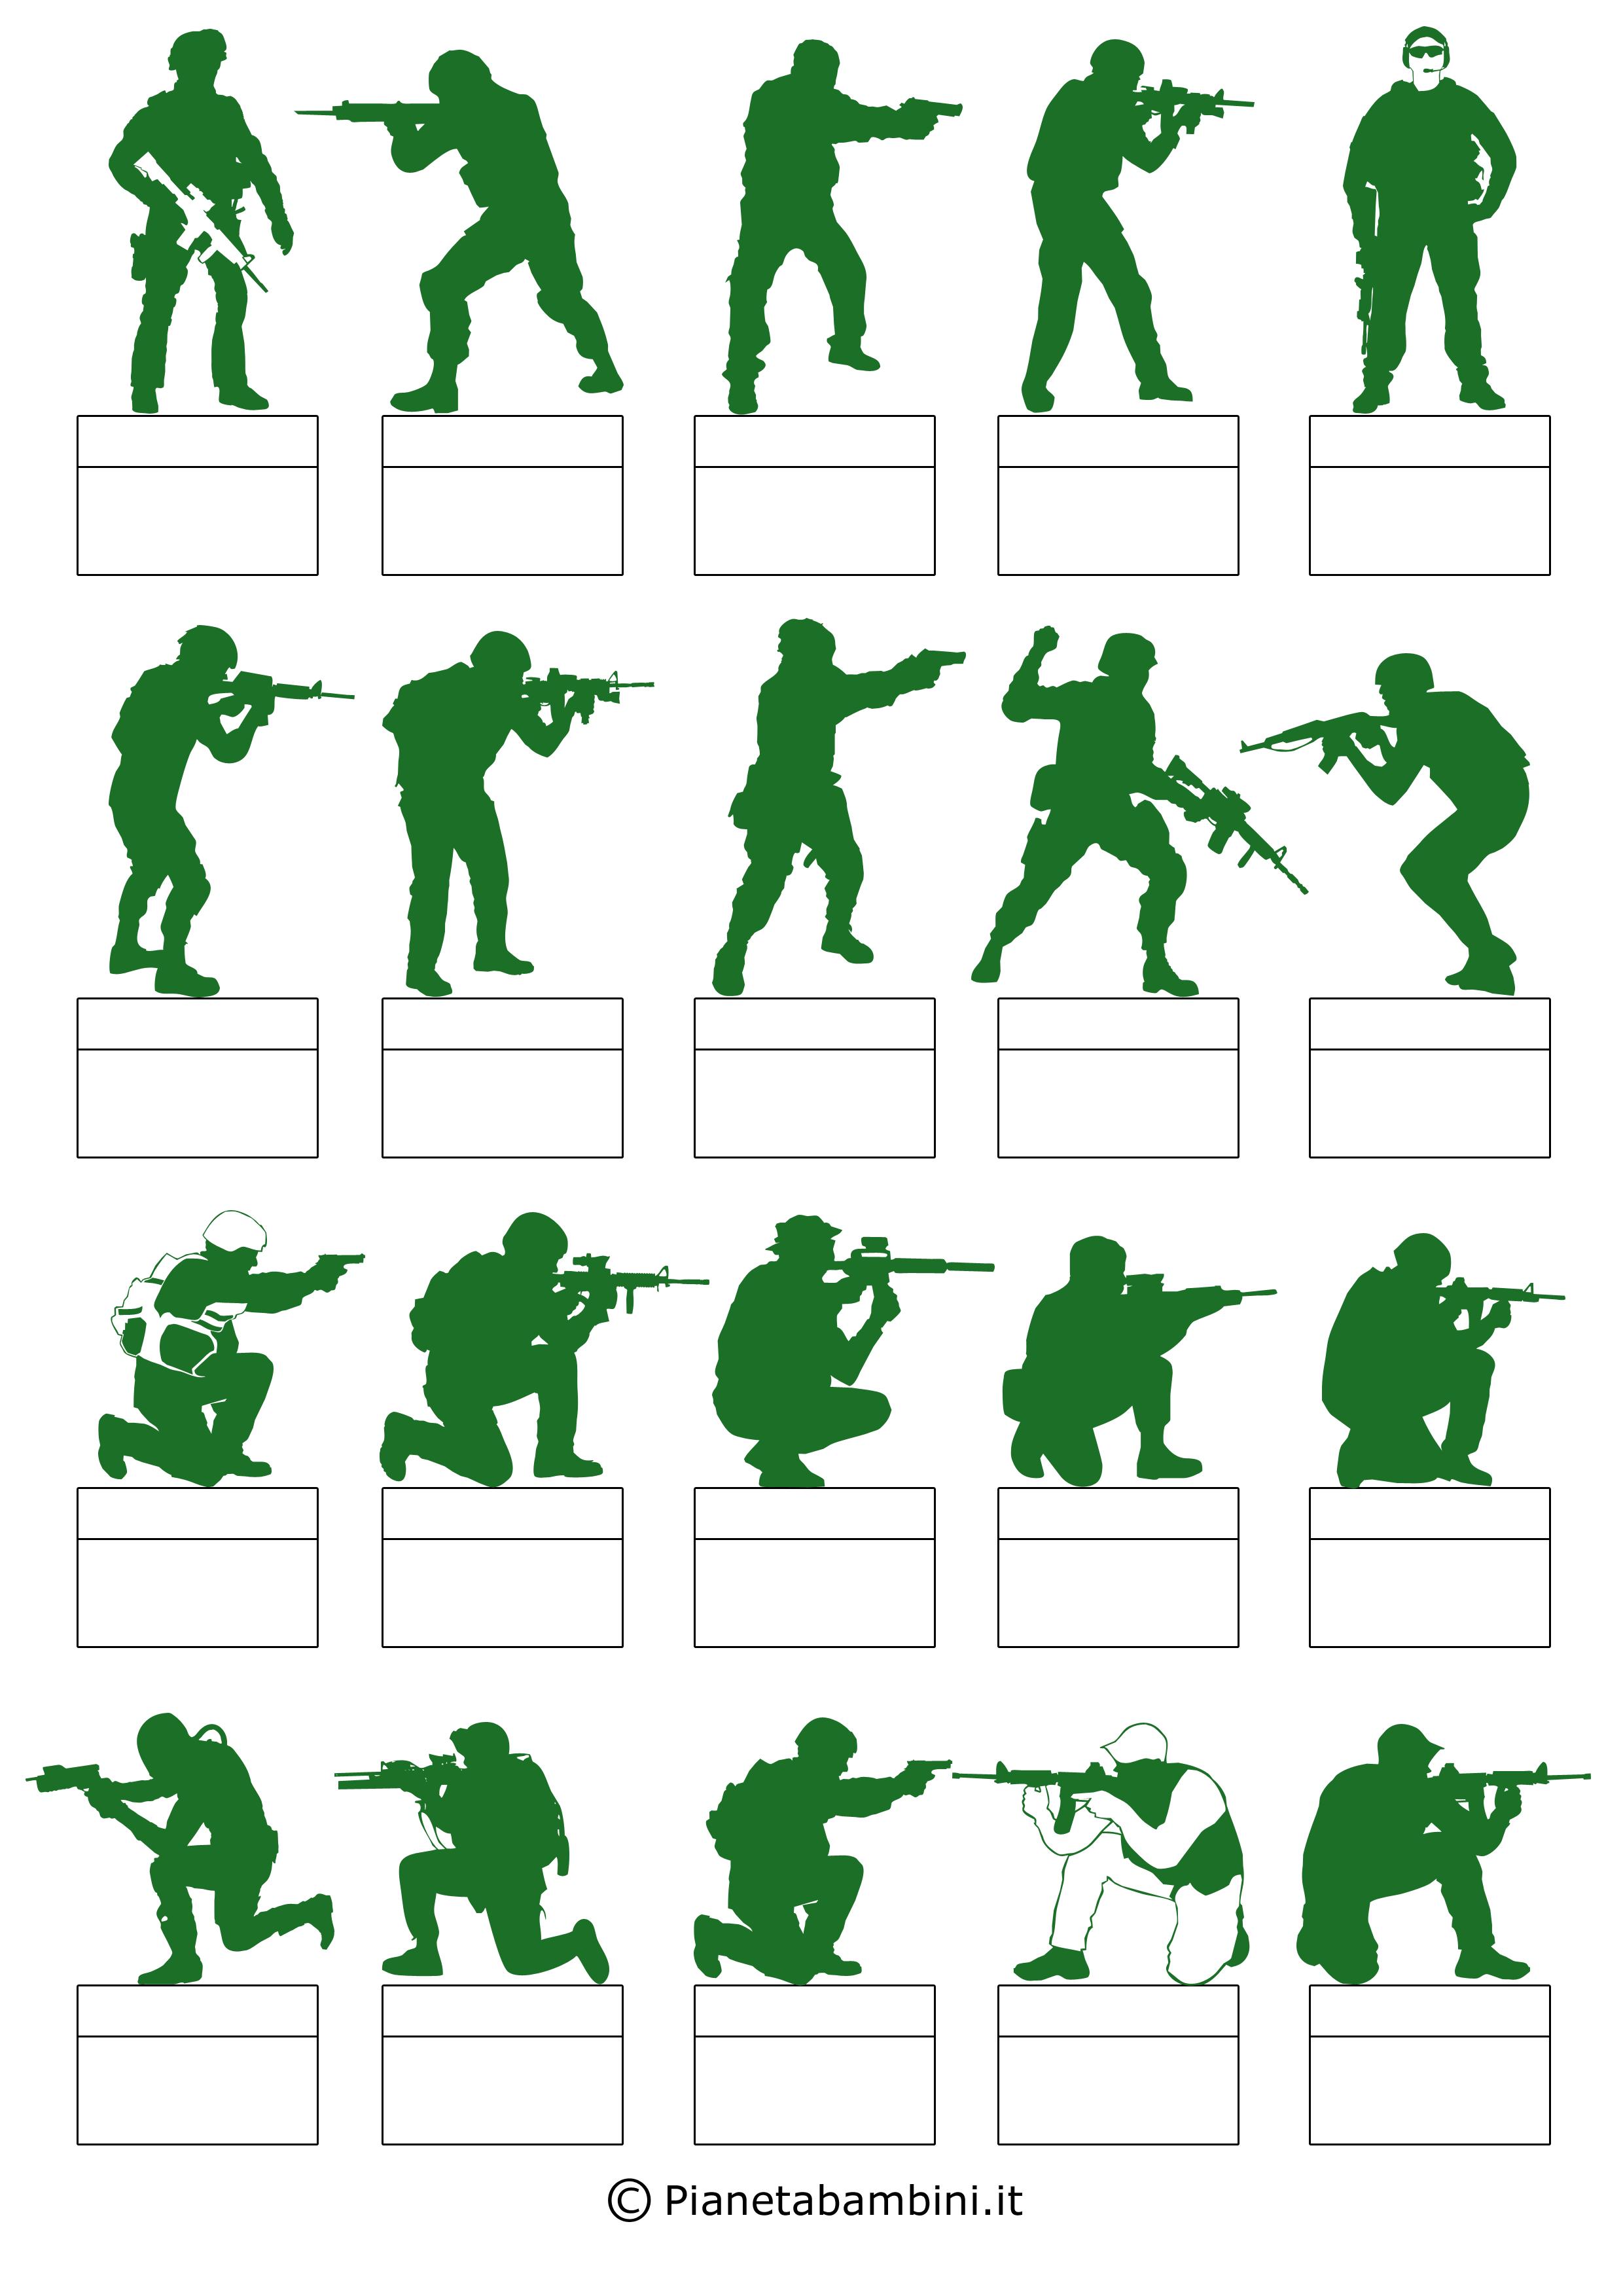 Soldatini-Carta-Verdi-3